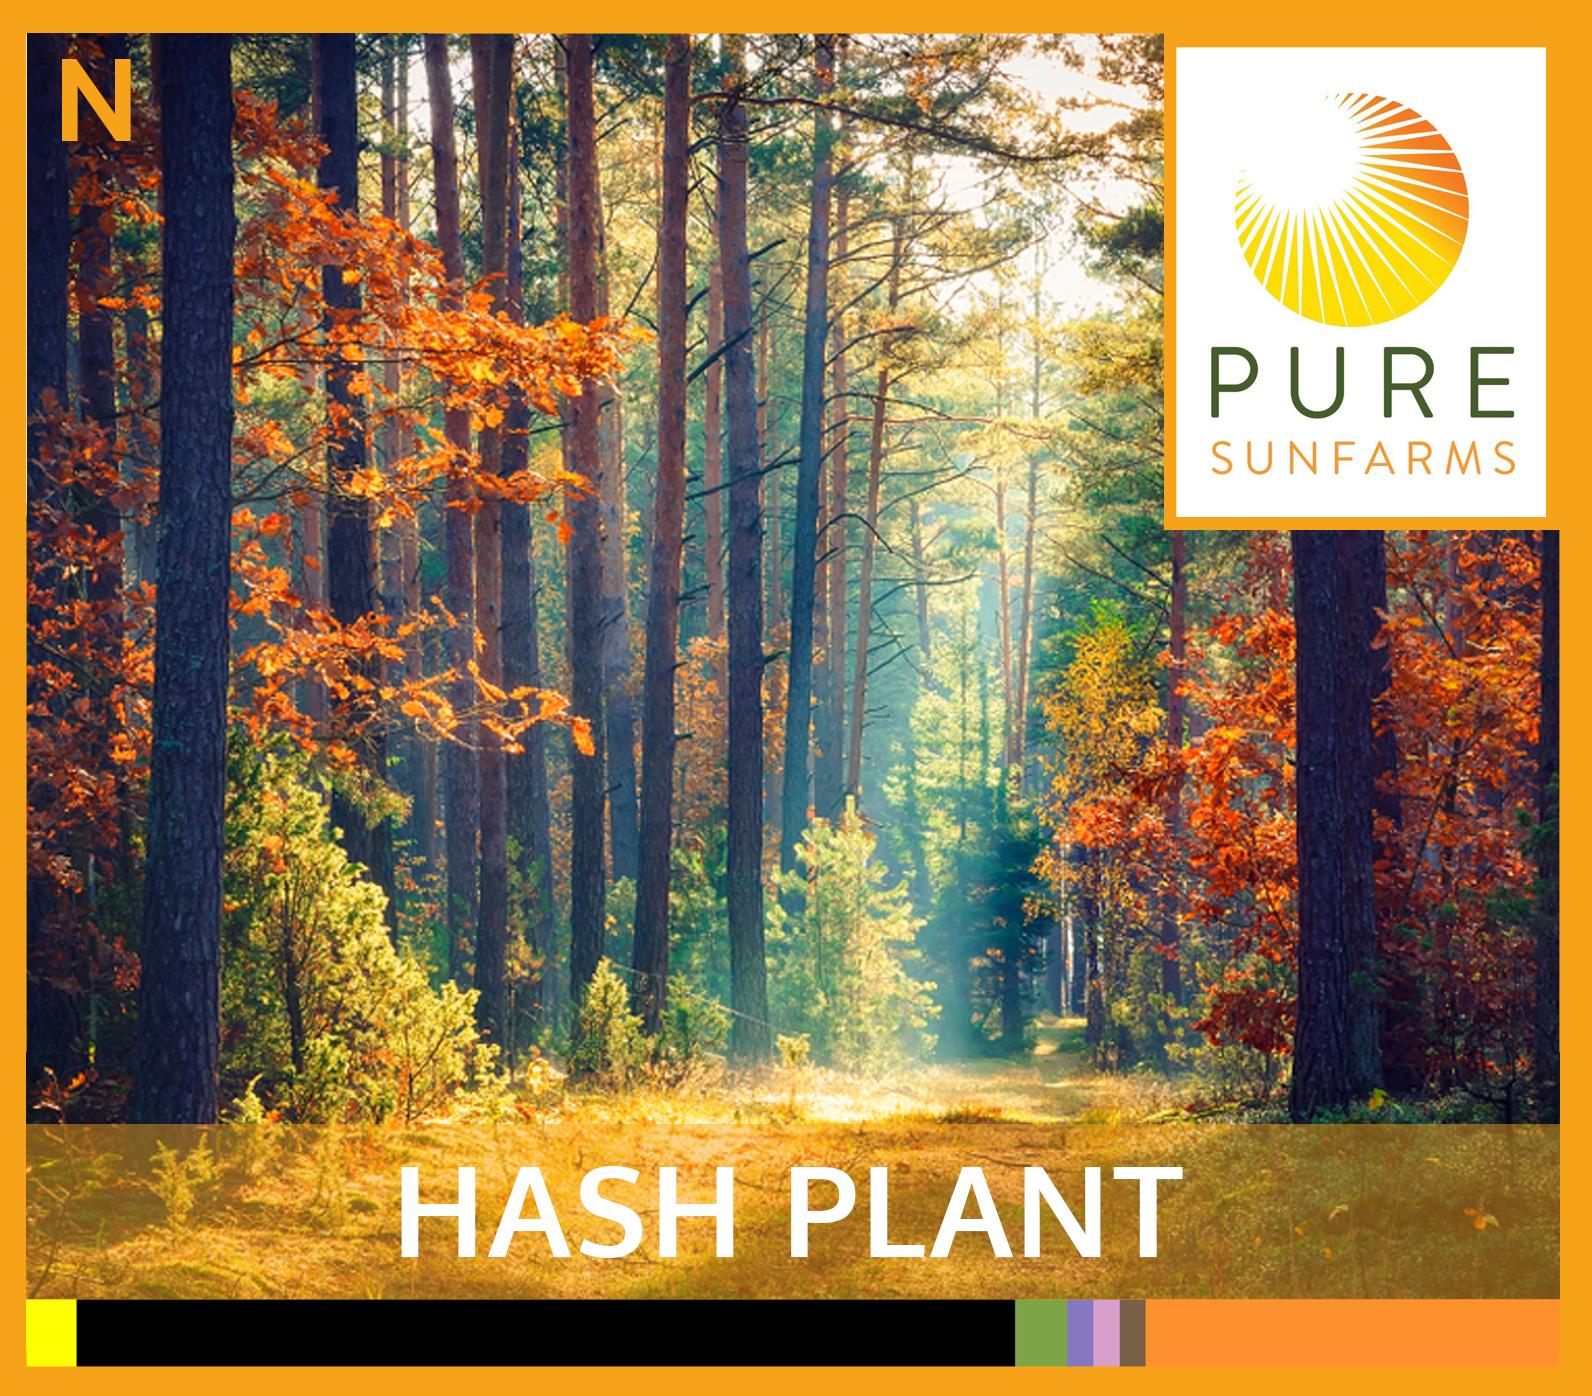 Sunfarms-HASH-PLANT-TILE.jpg